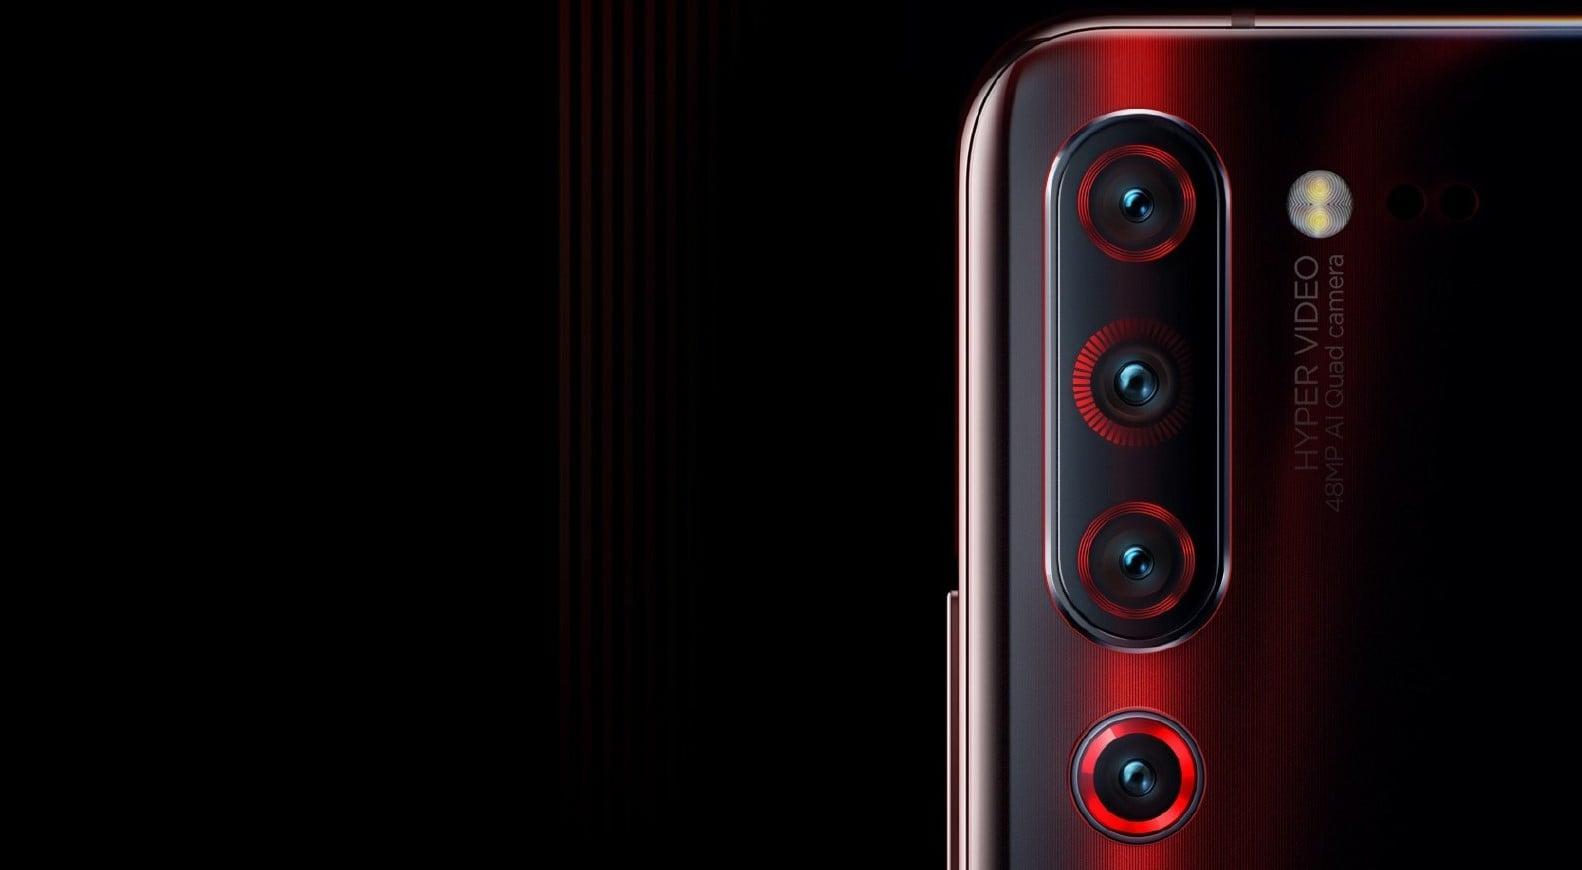 Lenovo Z6 Pro będzie miał cztery aparaty. Ciekawe, jak sobie z nimi poradzi oprogramowanie smartfona 21